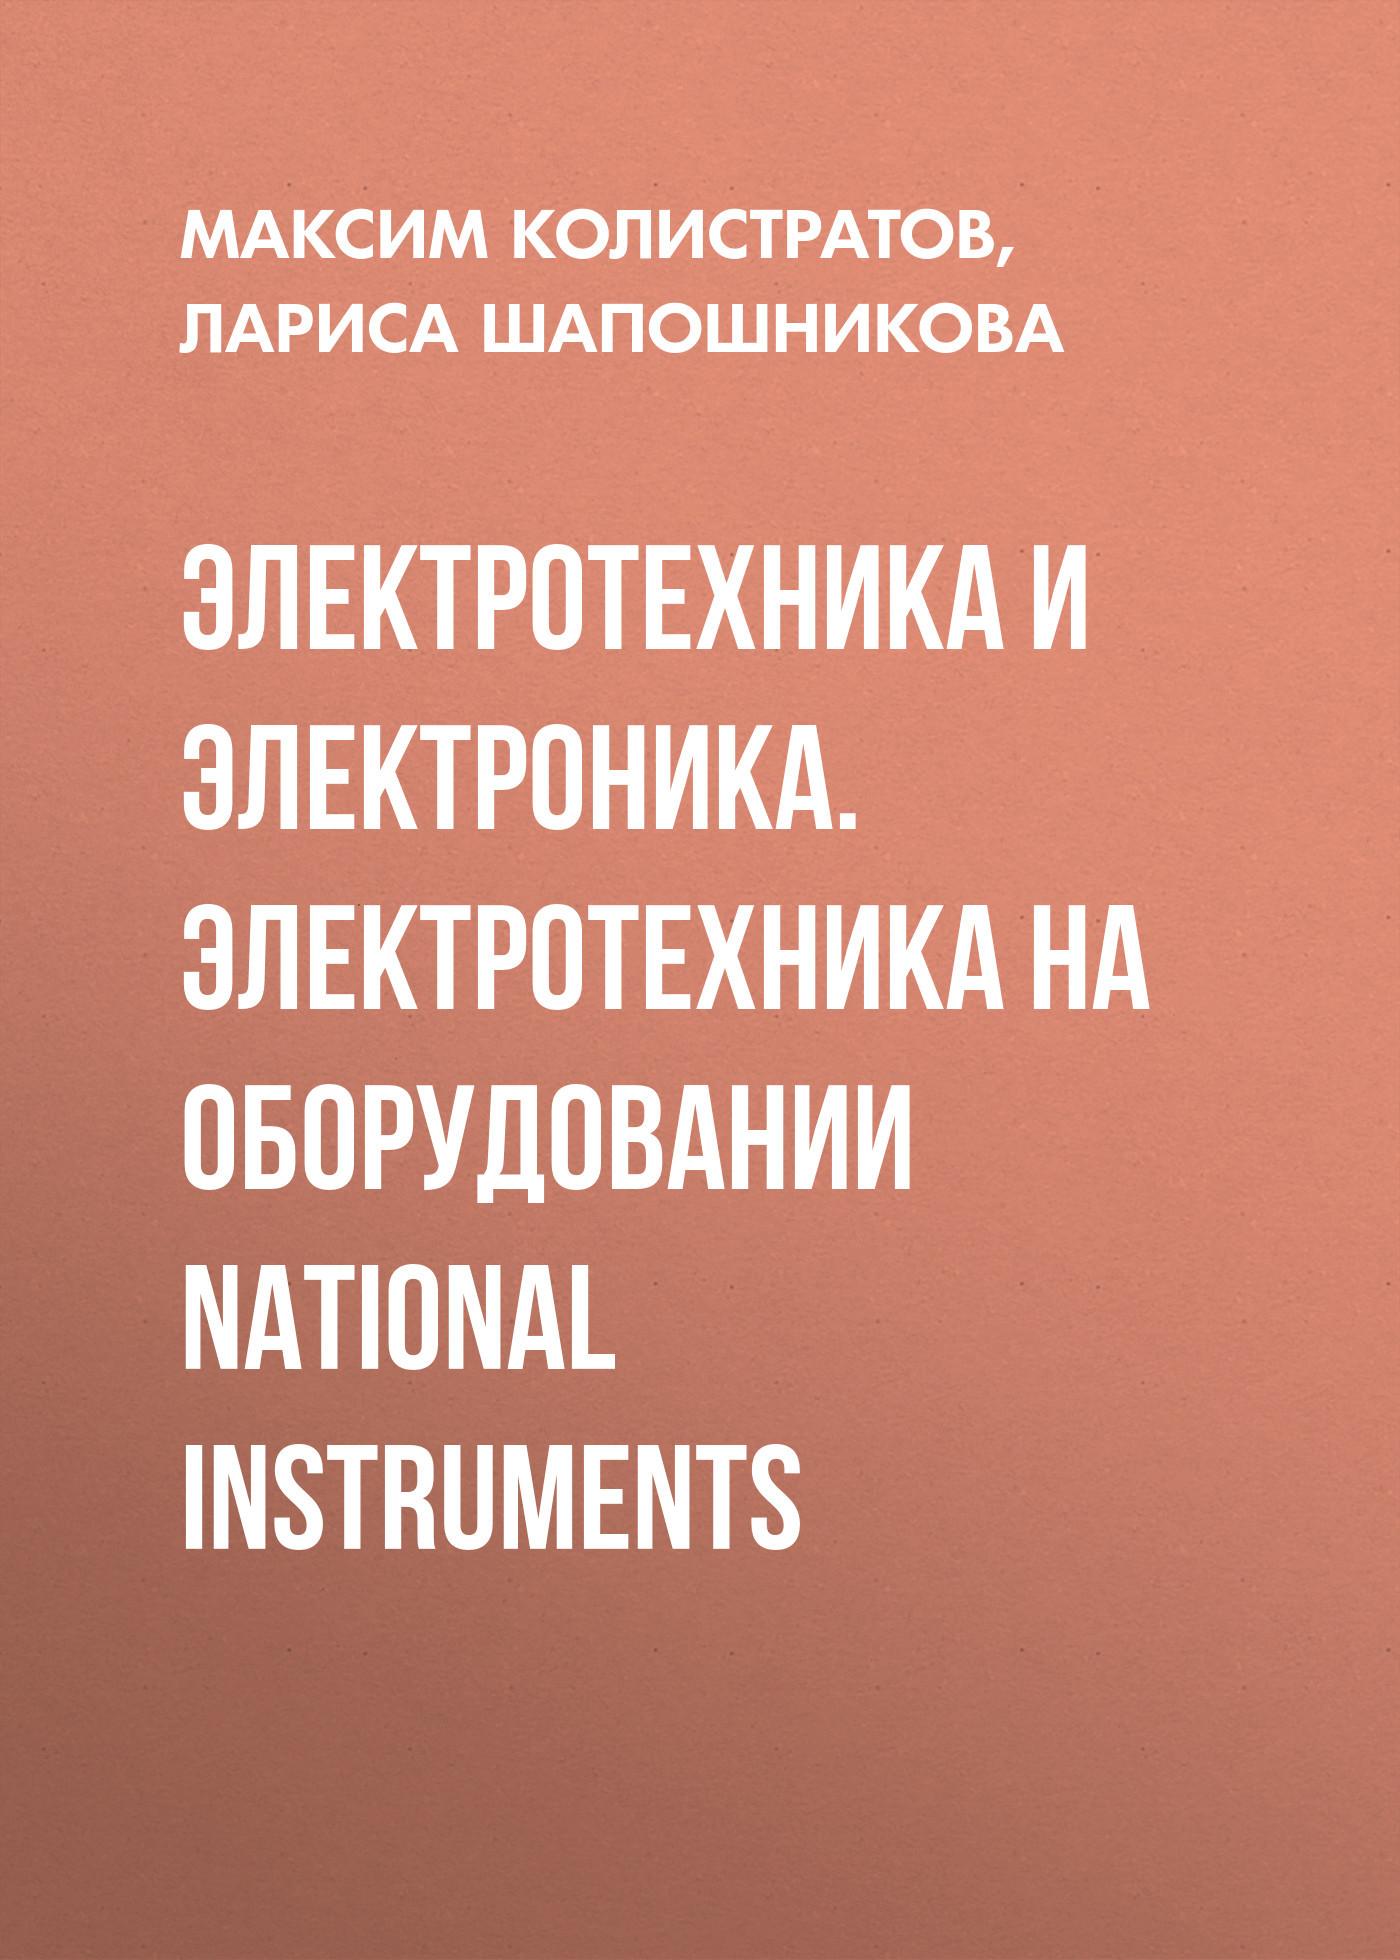 Лариса Шапошникова Электротехника и электроника. Электротехника на оборудовании National Instruments